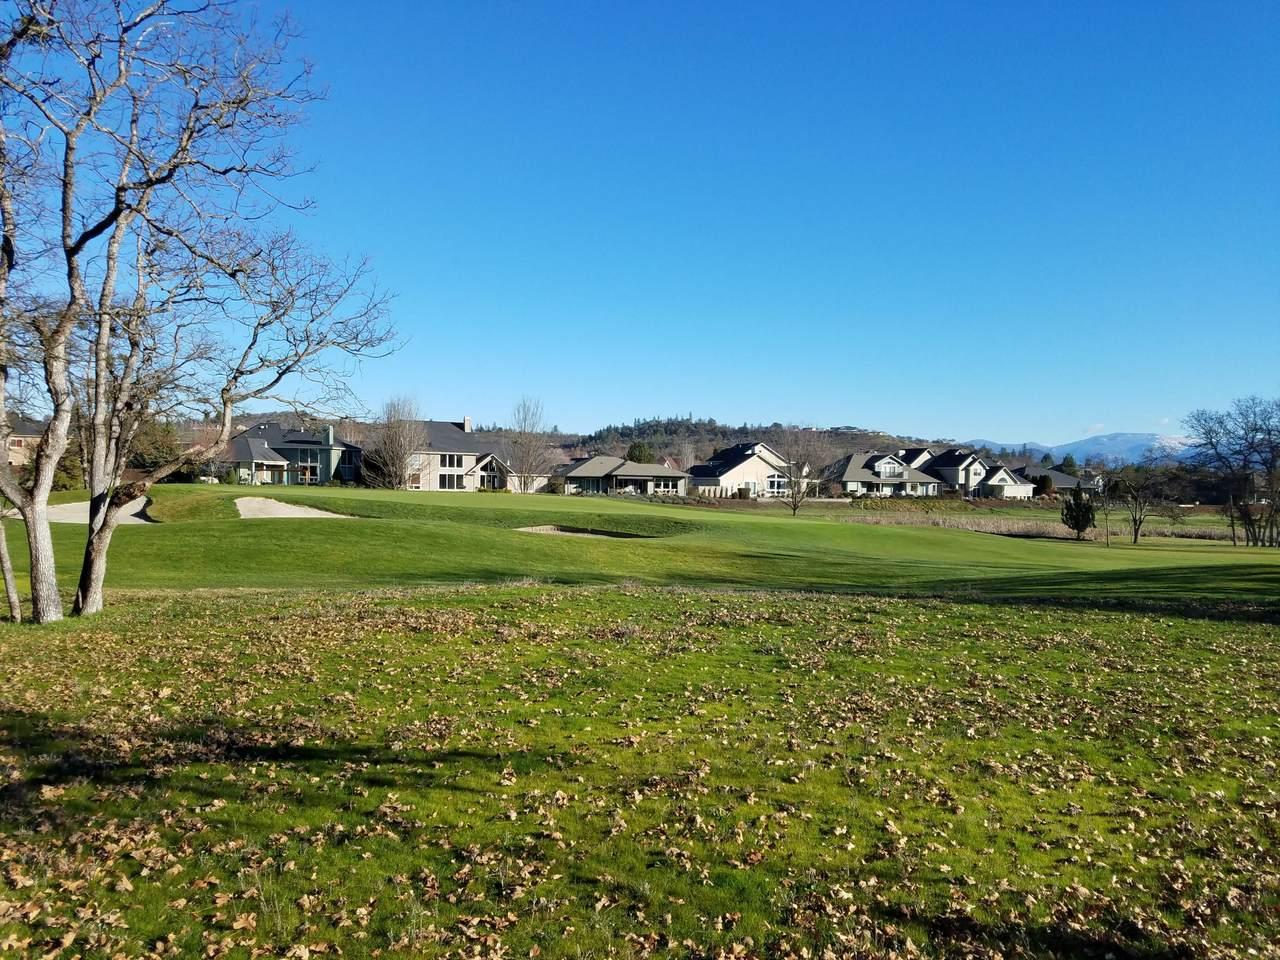 118 Pebble Creek Drive - Photo 1